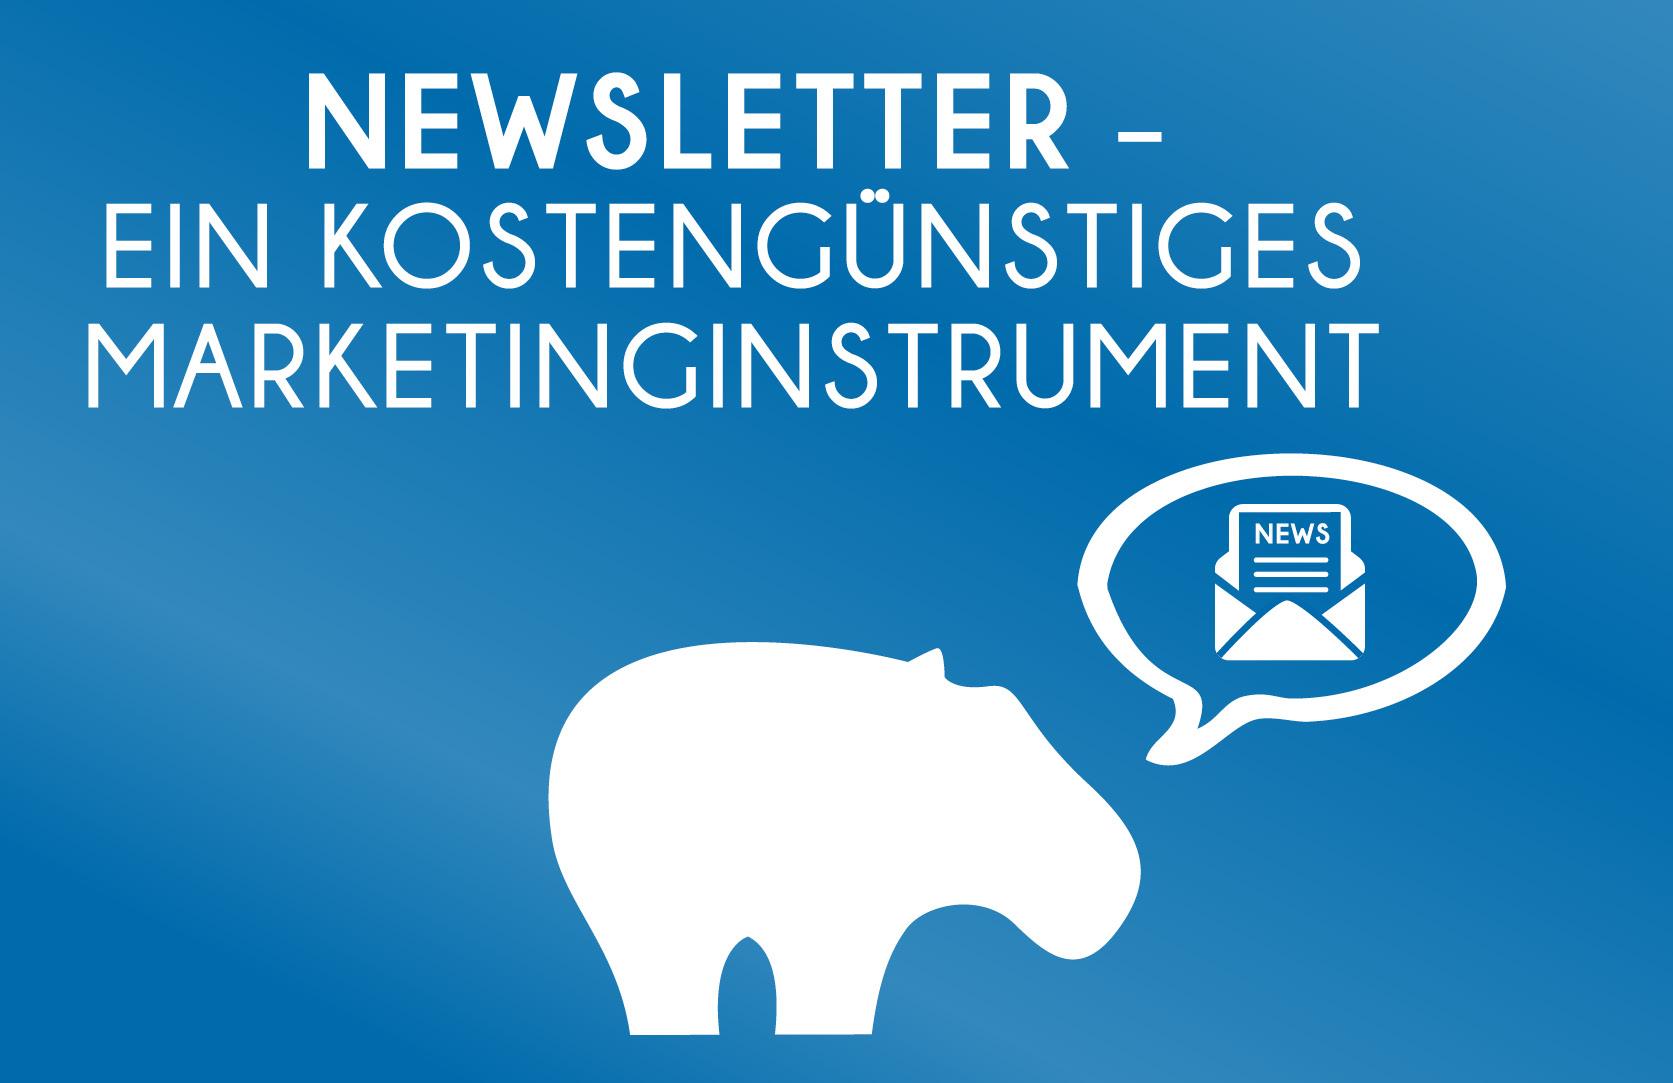 Newsletter - So nutzt Du das kostengünstige Marketinginstrument sinnvoll